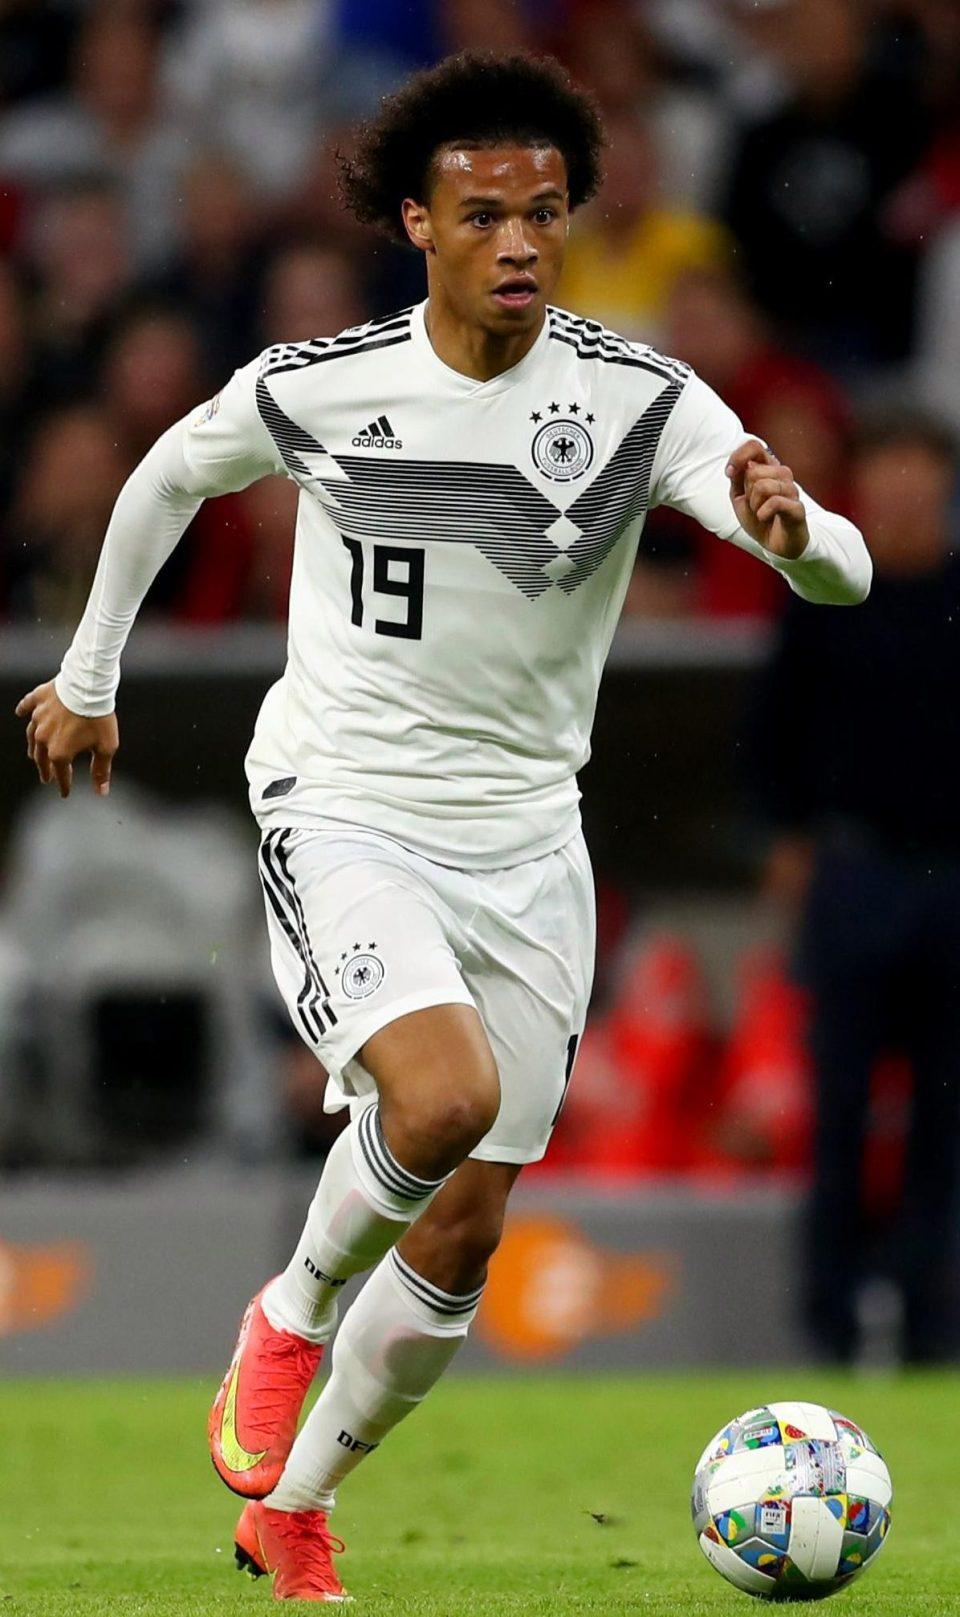 ساني نجم منتخب المانيا الشاب